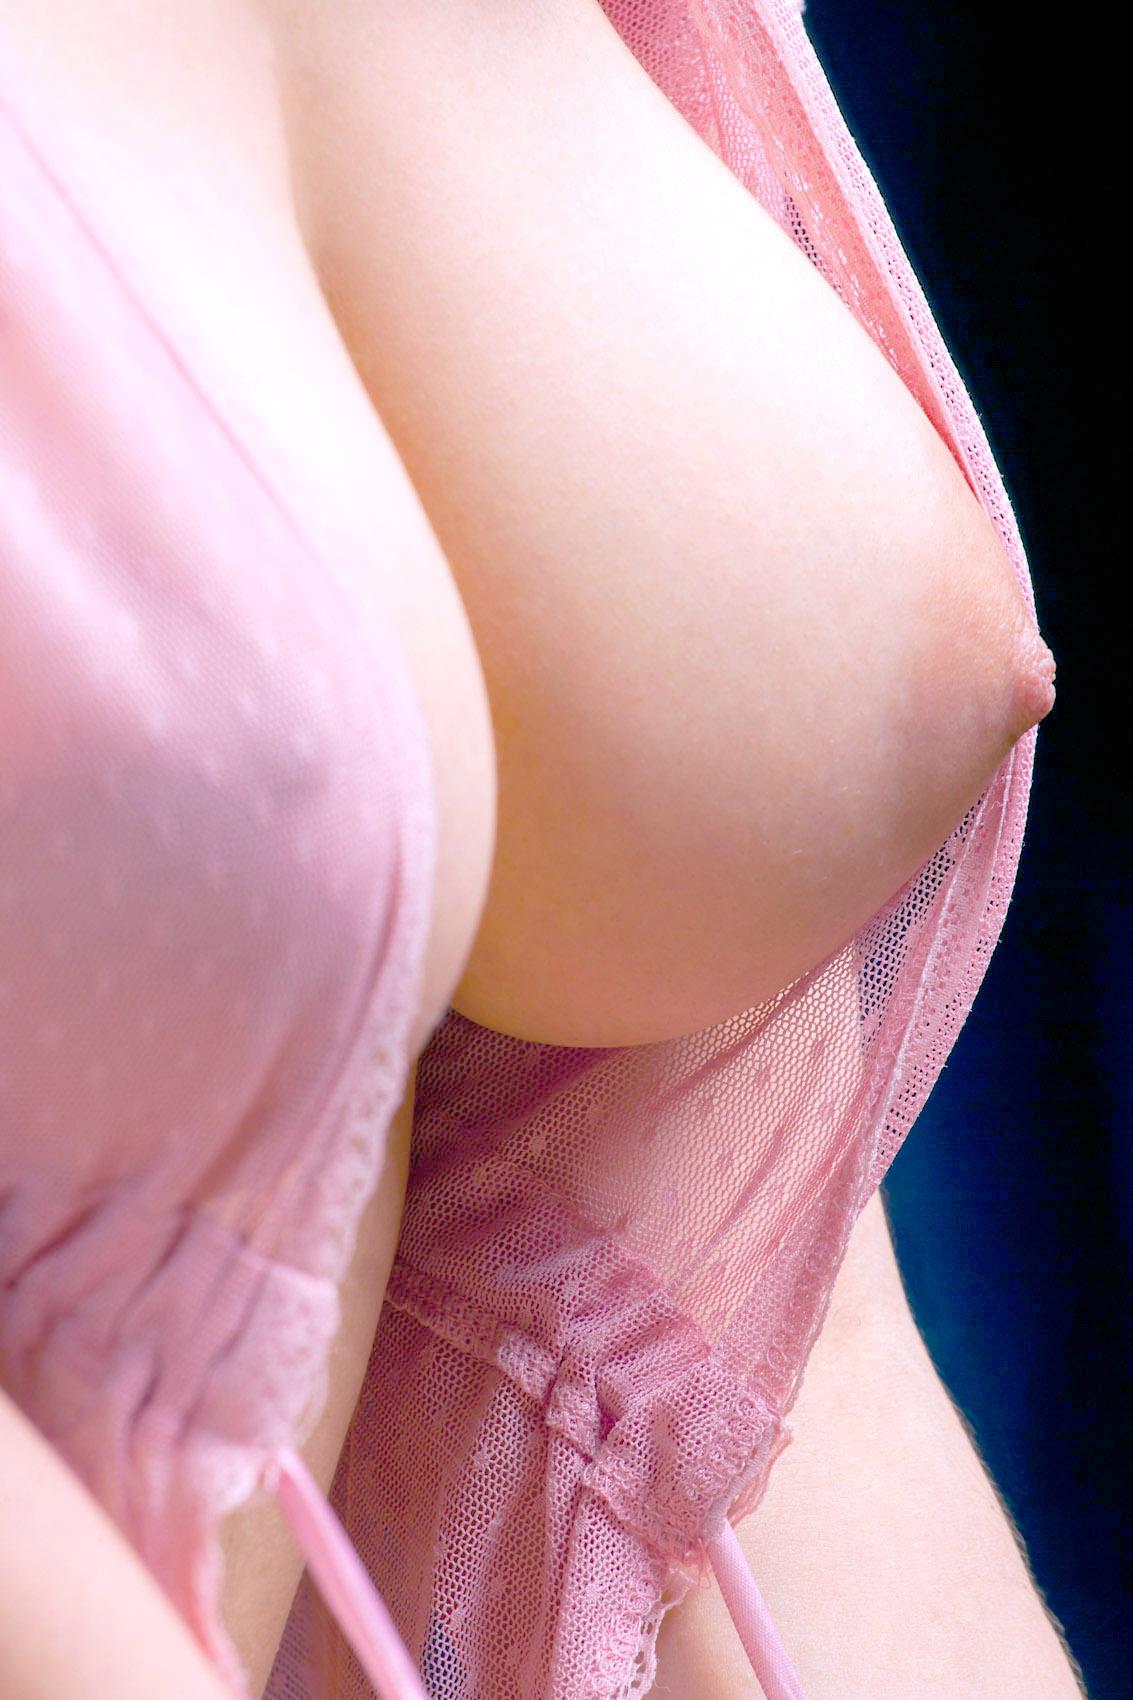 【乳フェチエロ画像】おっぱい好きすぎて巨乳に大接近!…でも寄り過ぎたら使いづらいねwww 15